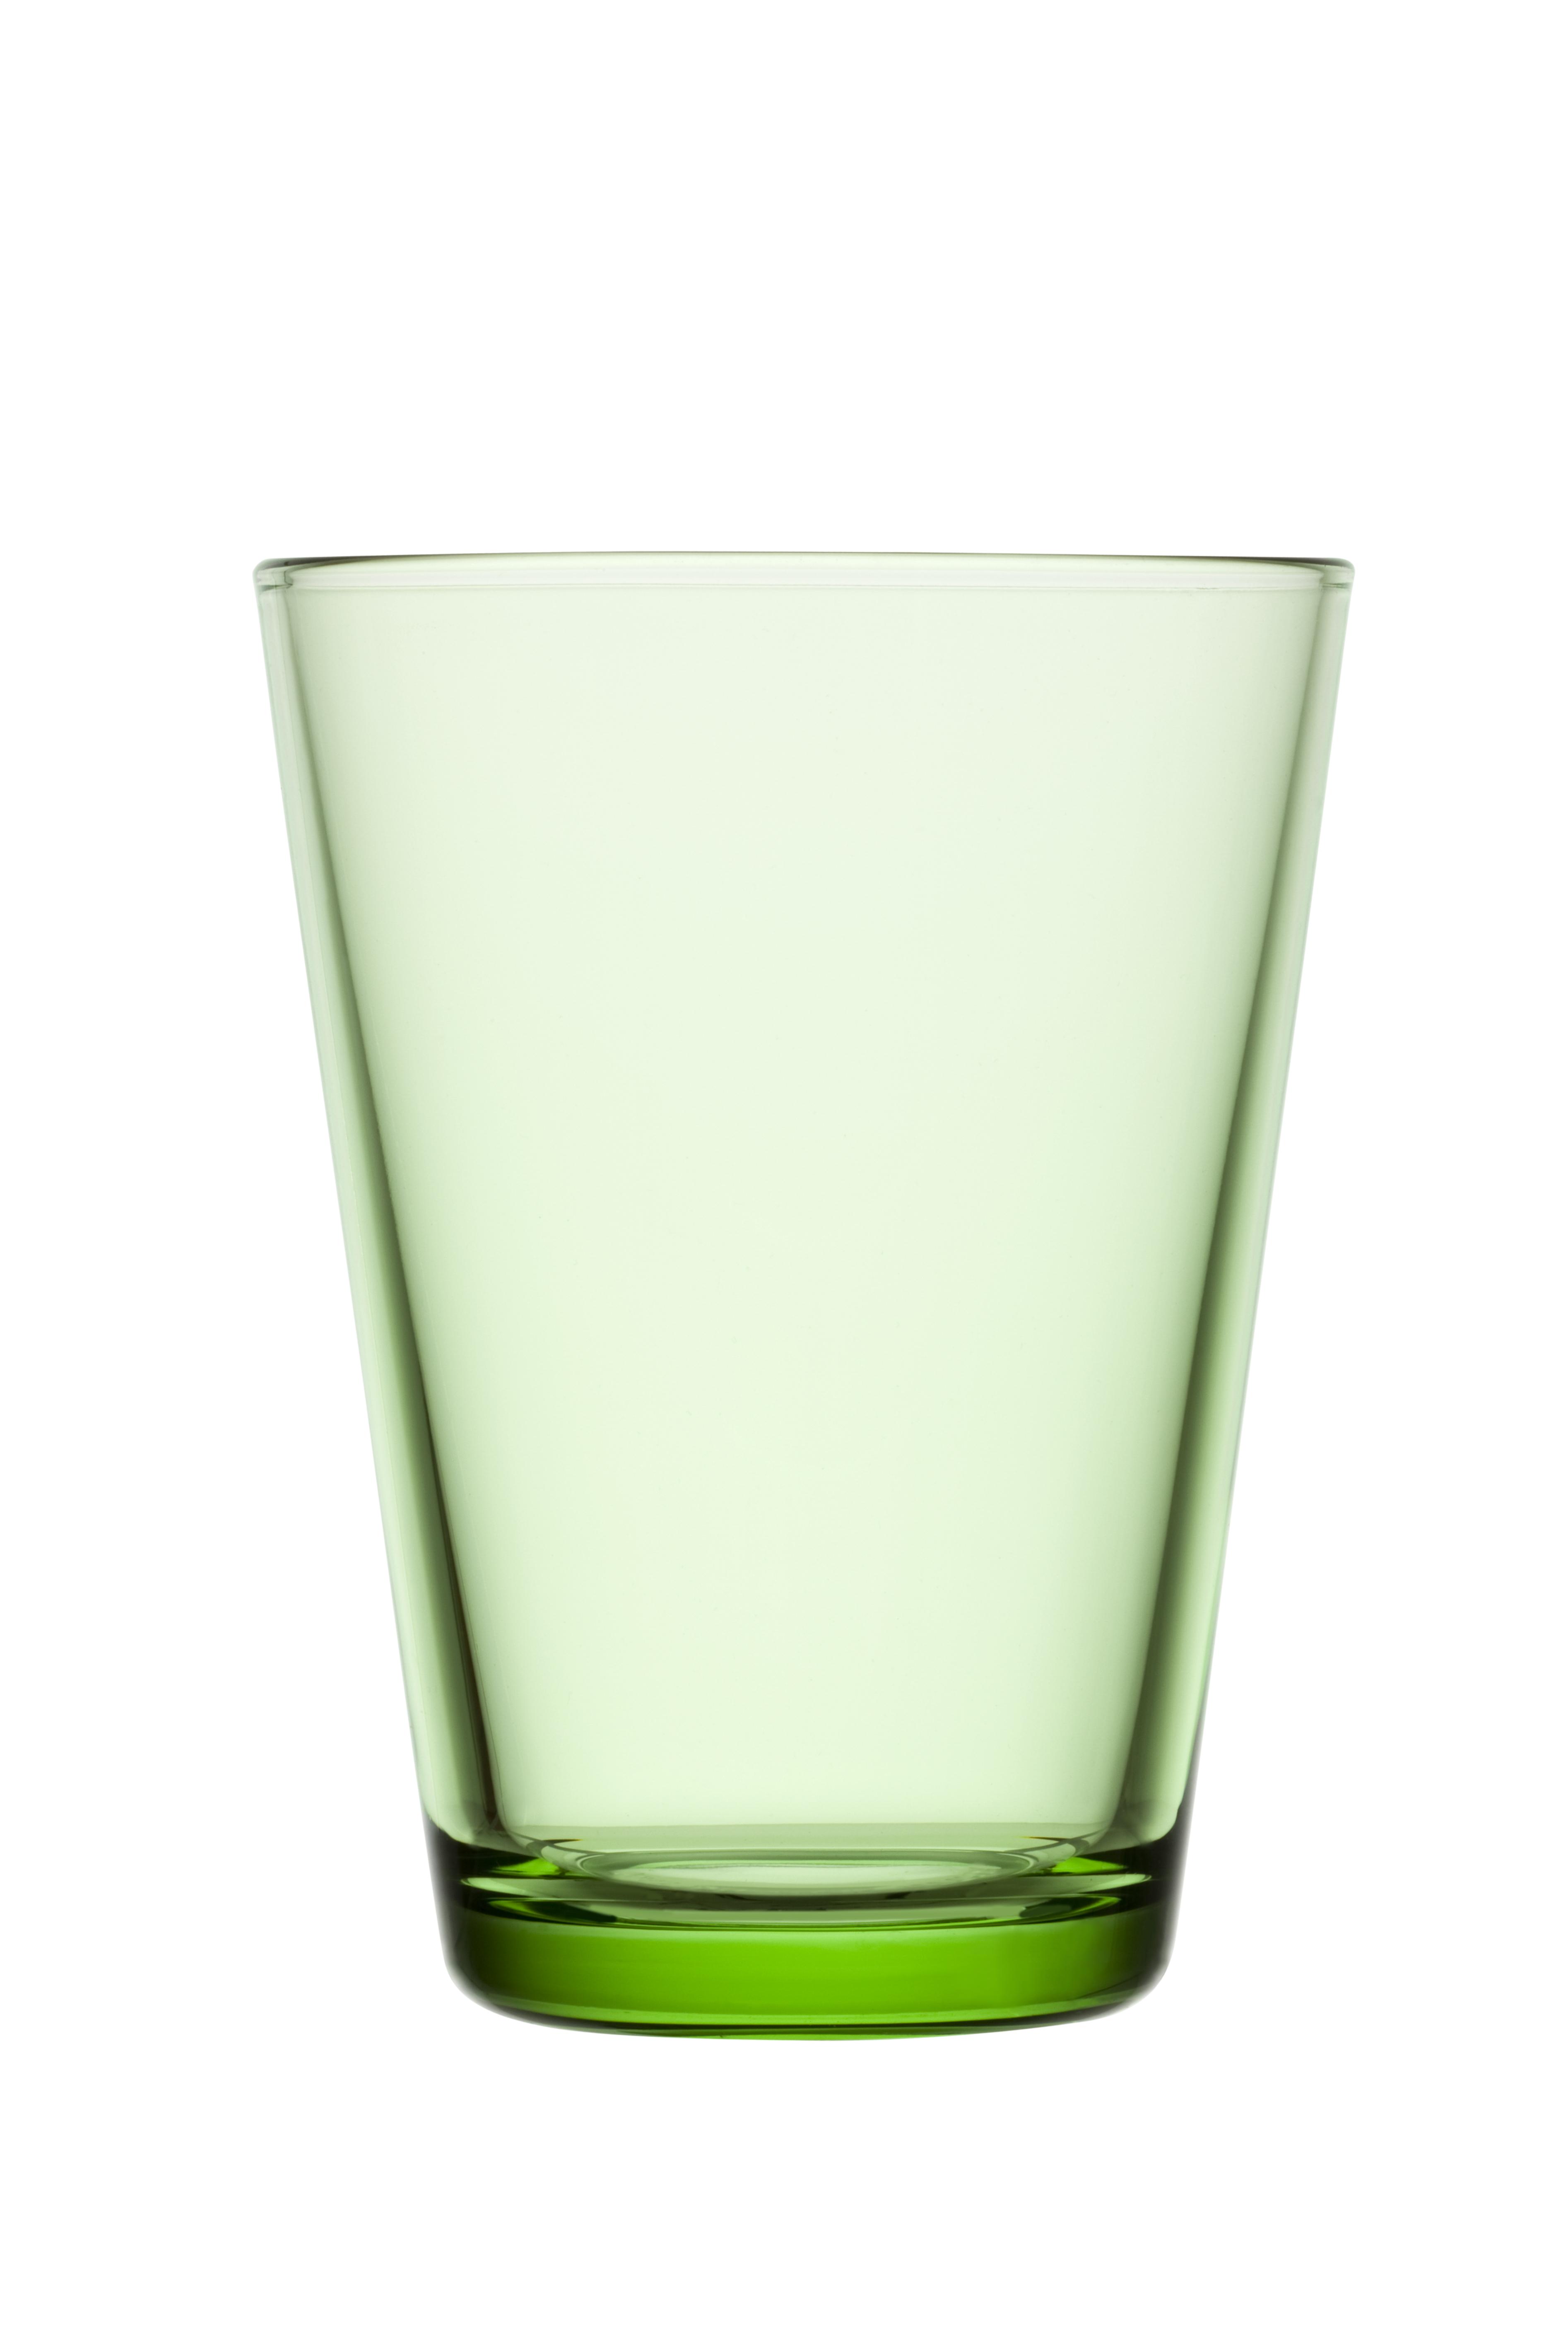 Iittala Kartio Glass Eplegrønn 2stk 40 cl